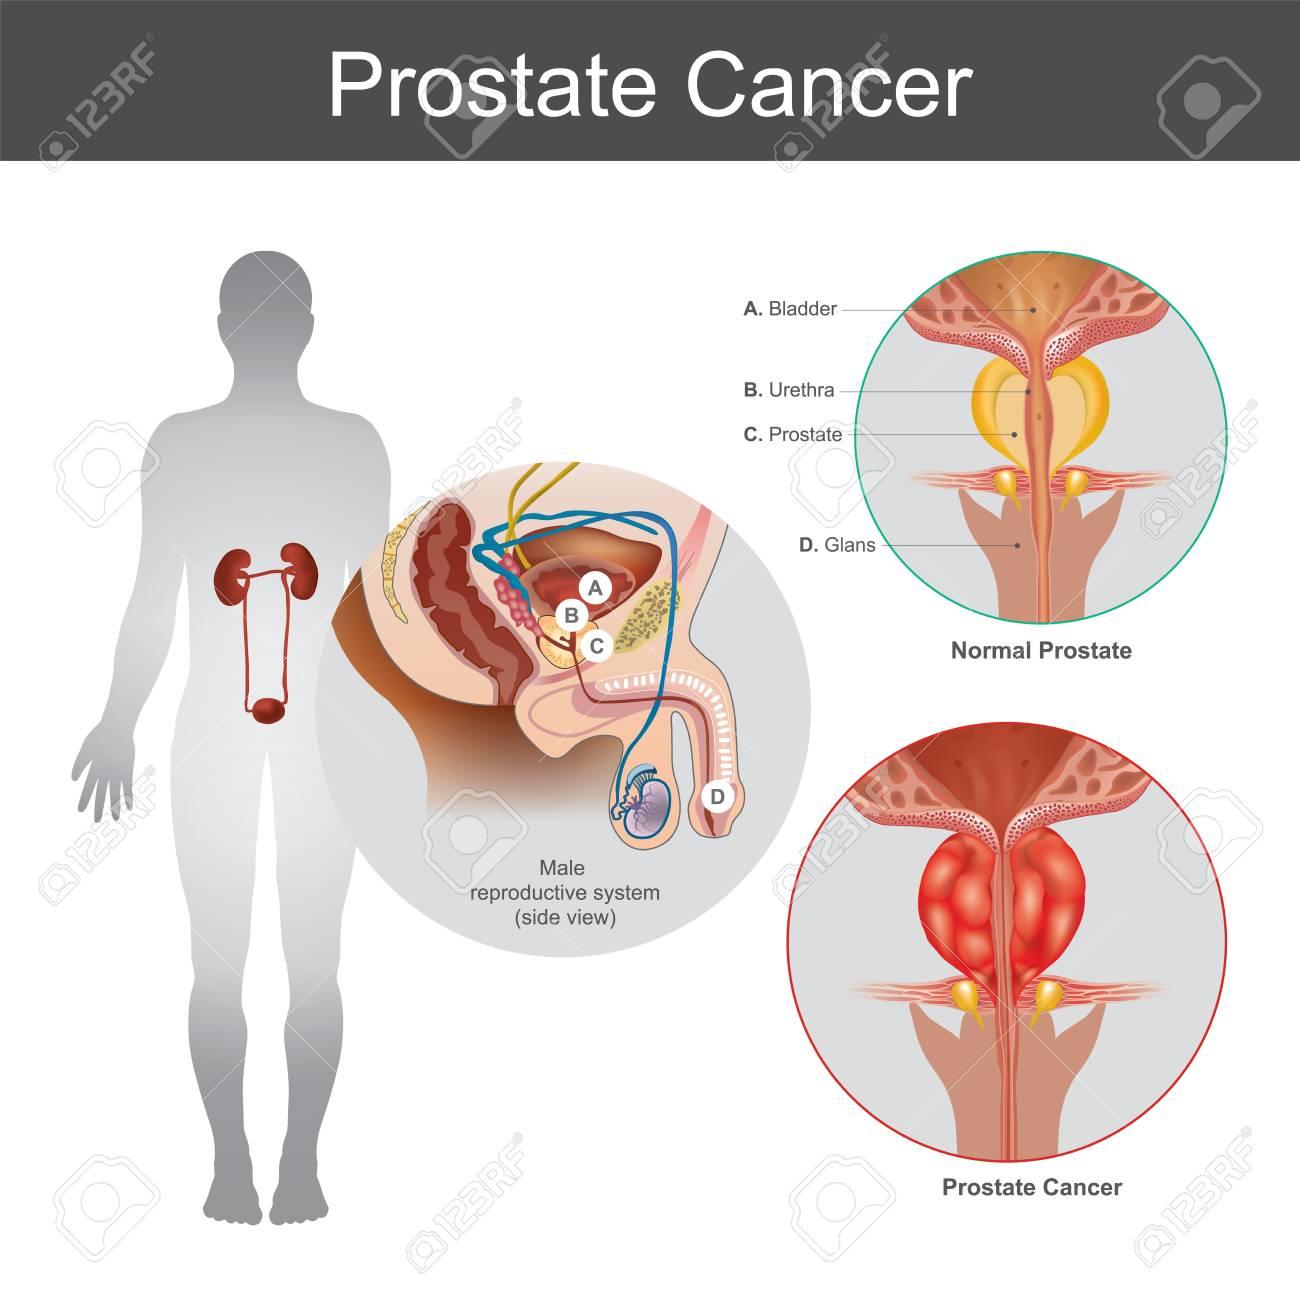 el cancer de prostata mata